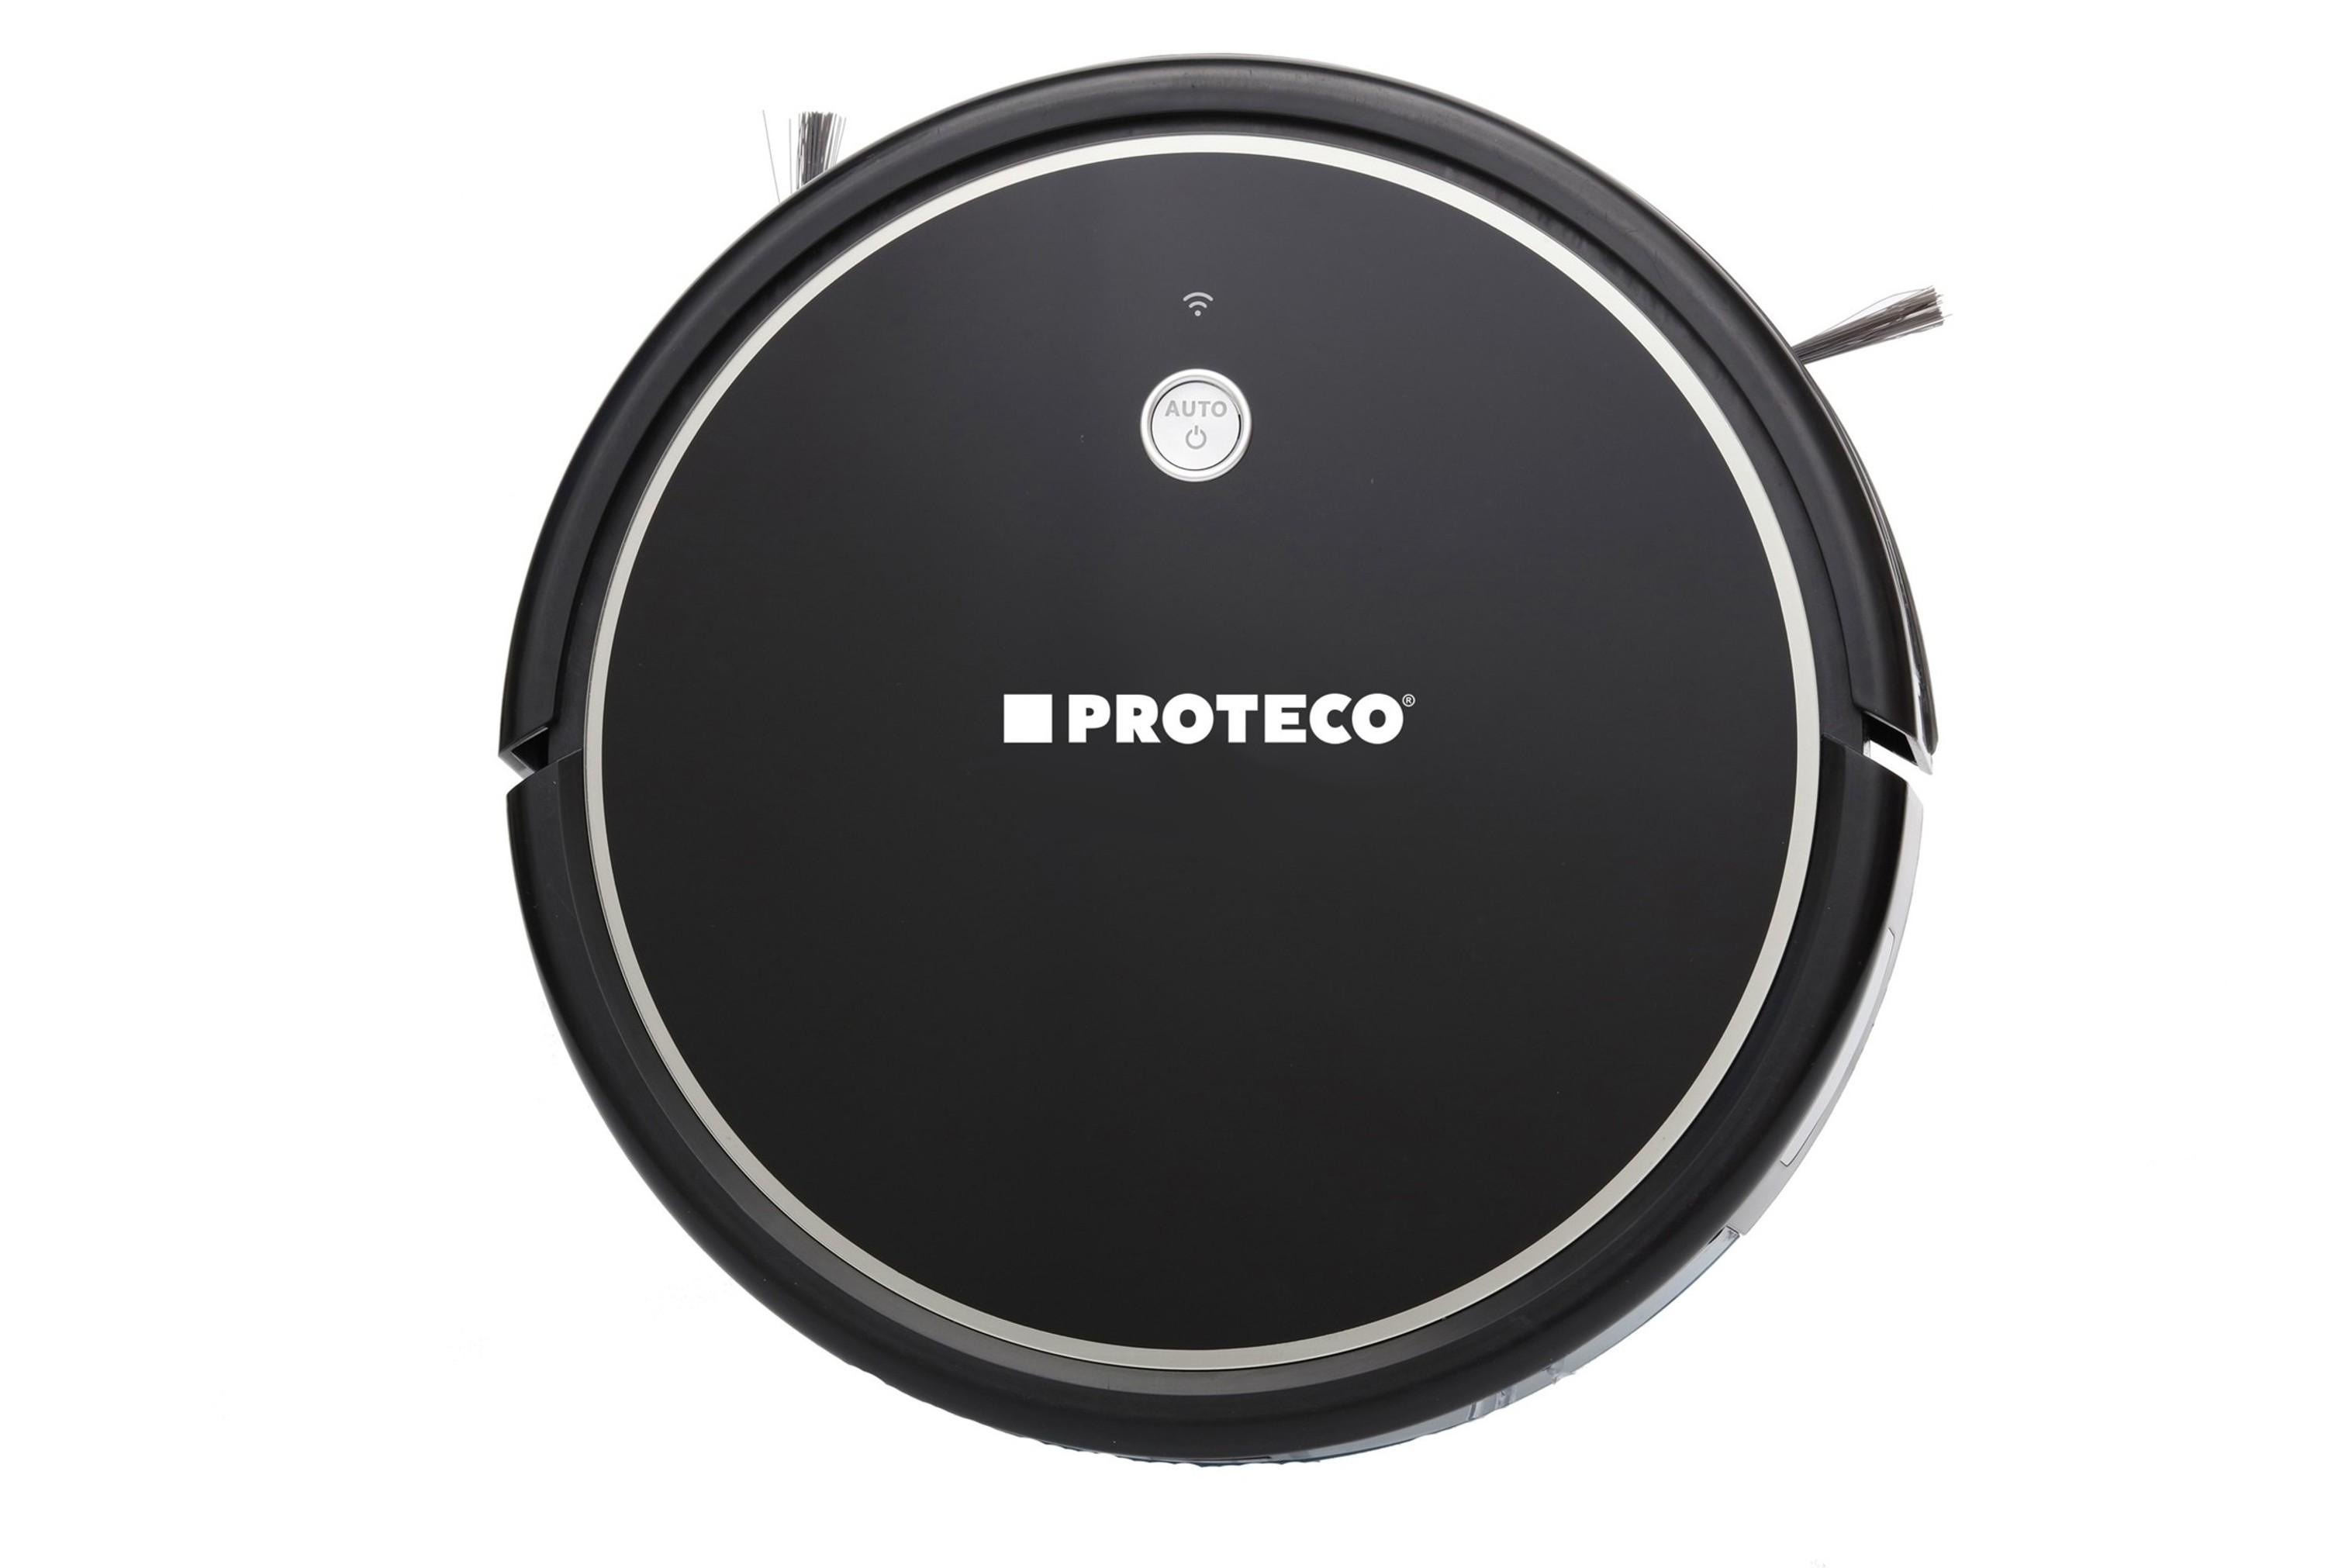 PROTECO 62.50-RV-1000 vysavač robotický RV 1000